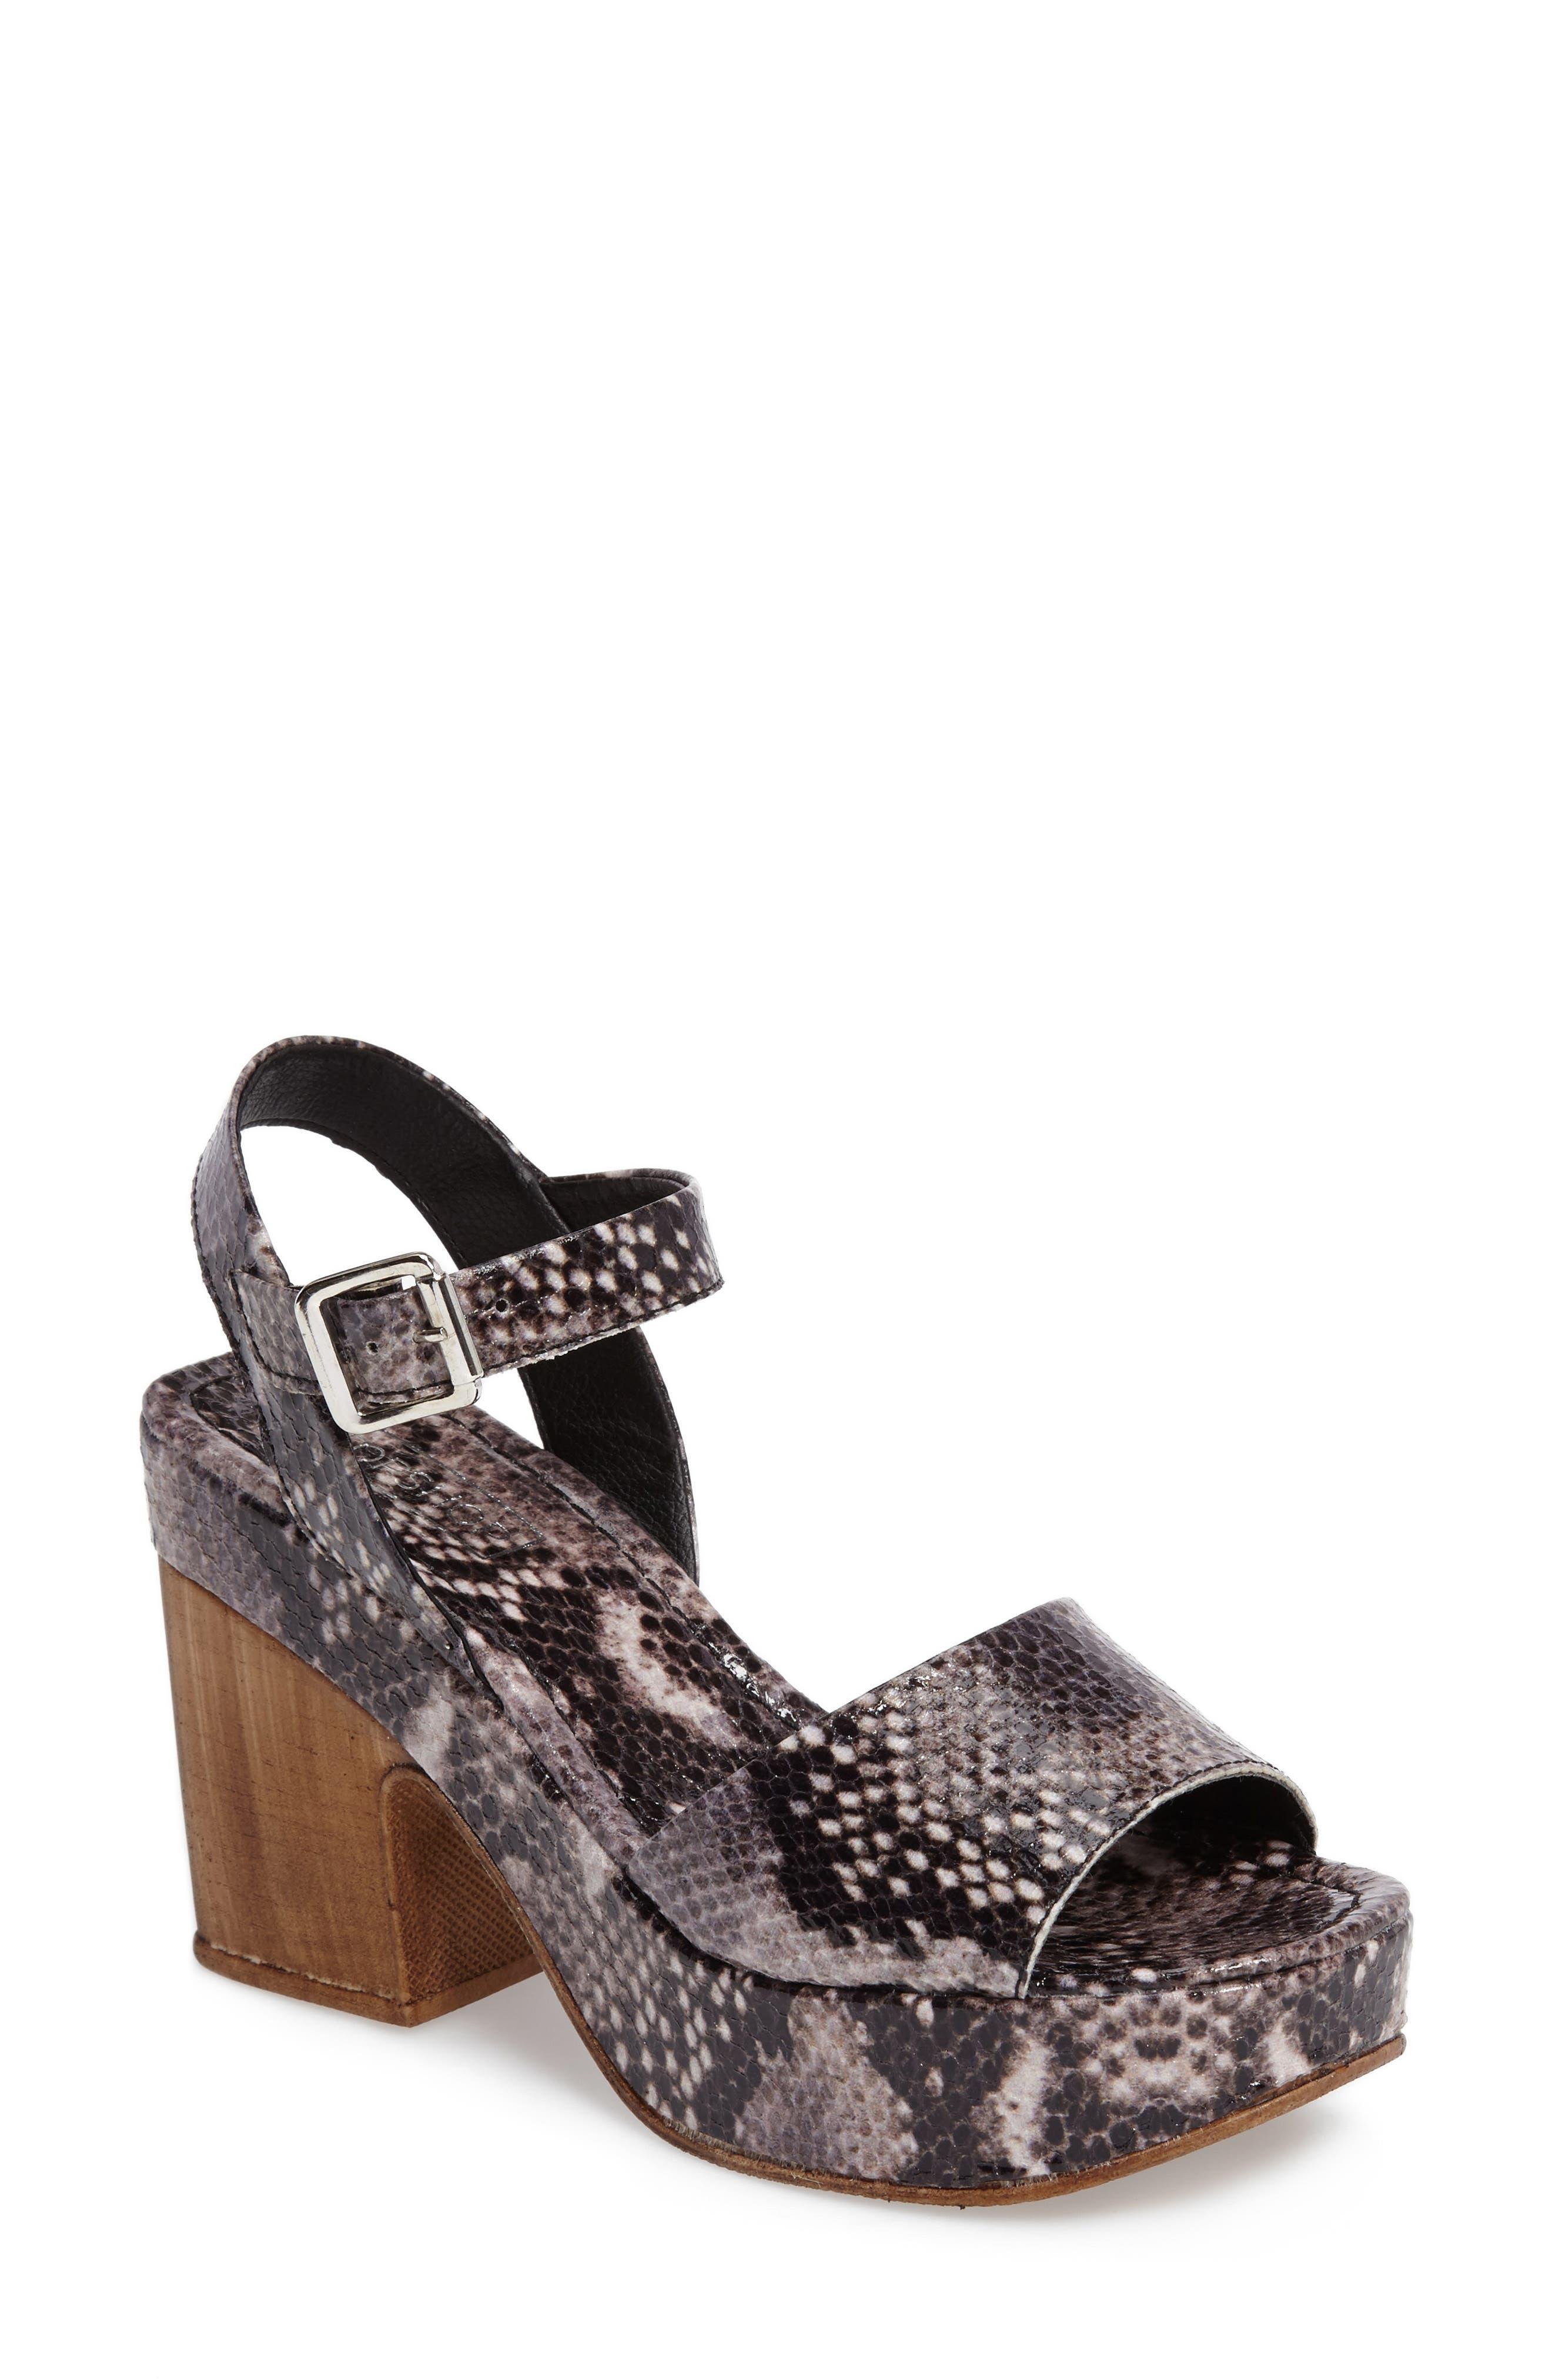 Violets Platform Sandals,                             Main thumbnail 1, color,                             Grey Multi